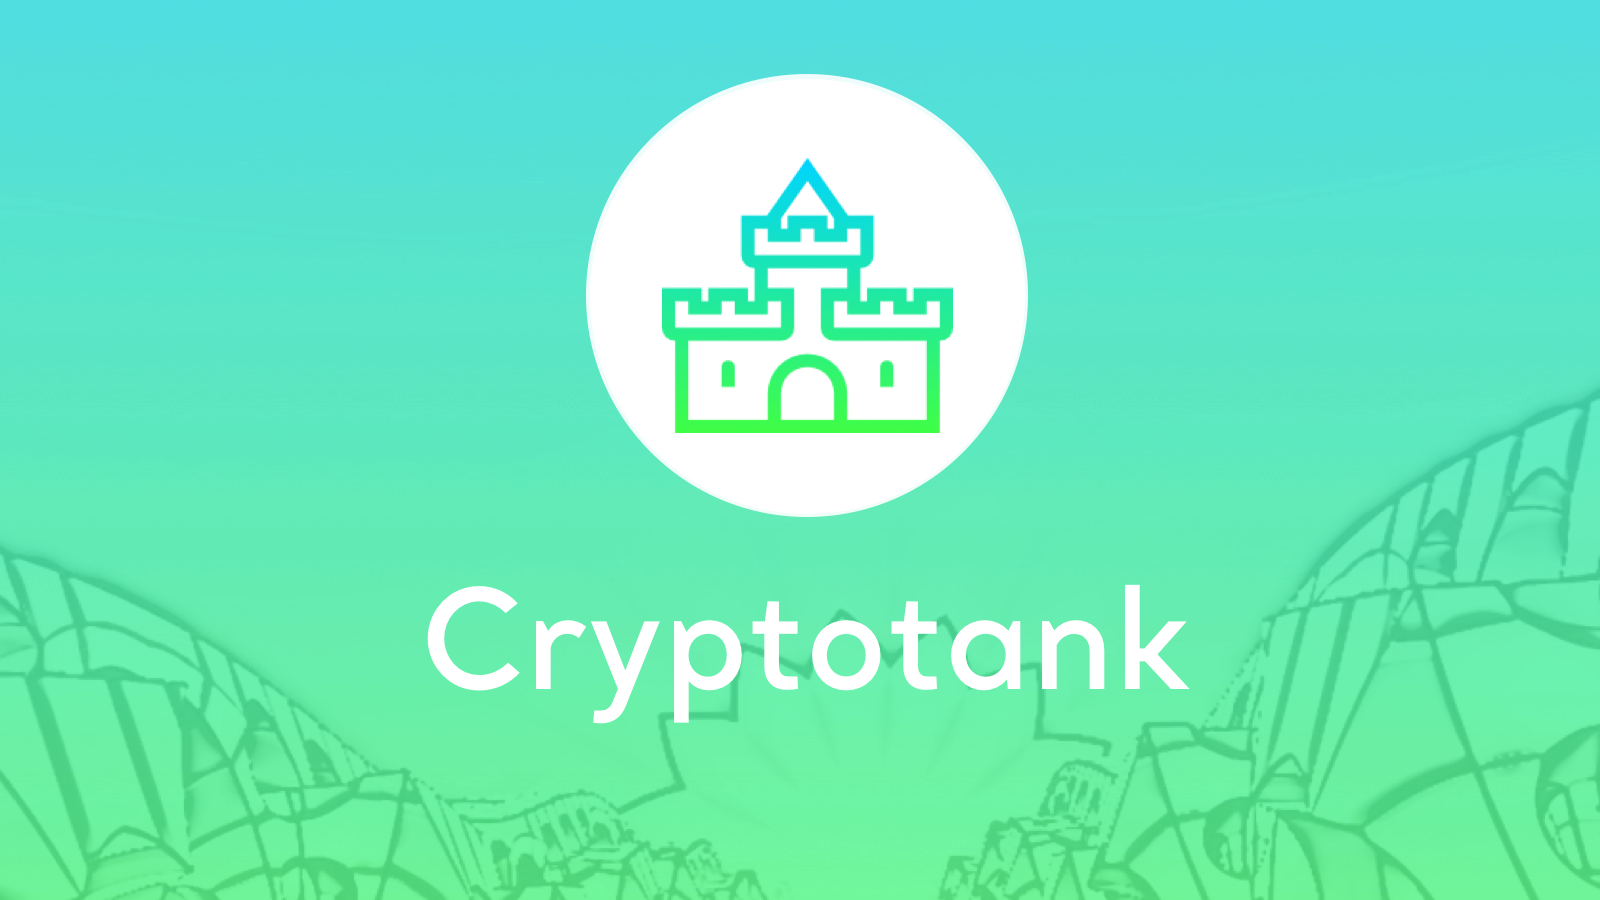 Cryptotank Meetups